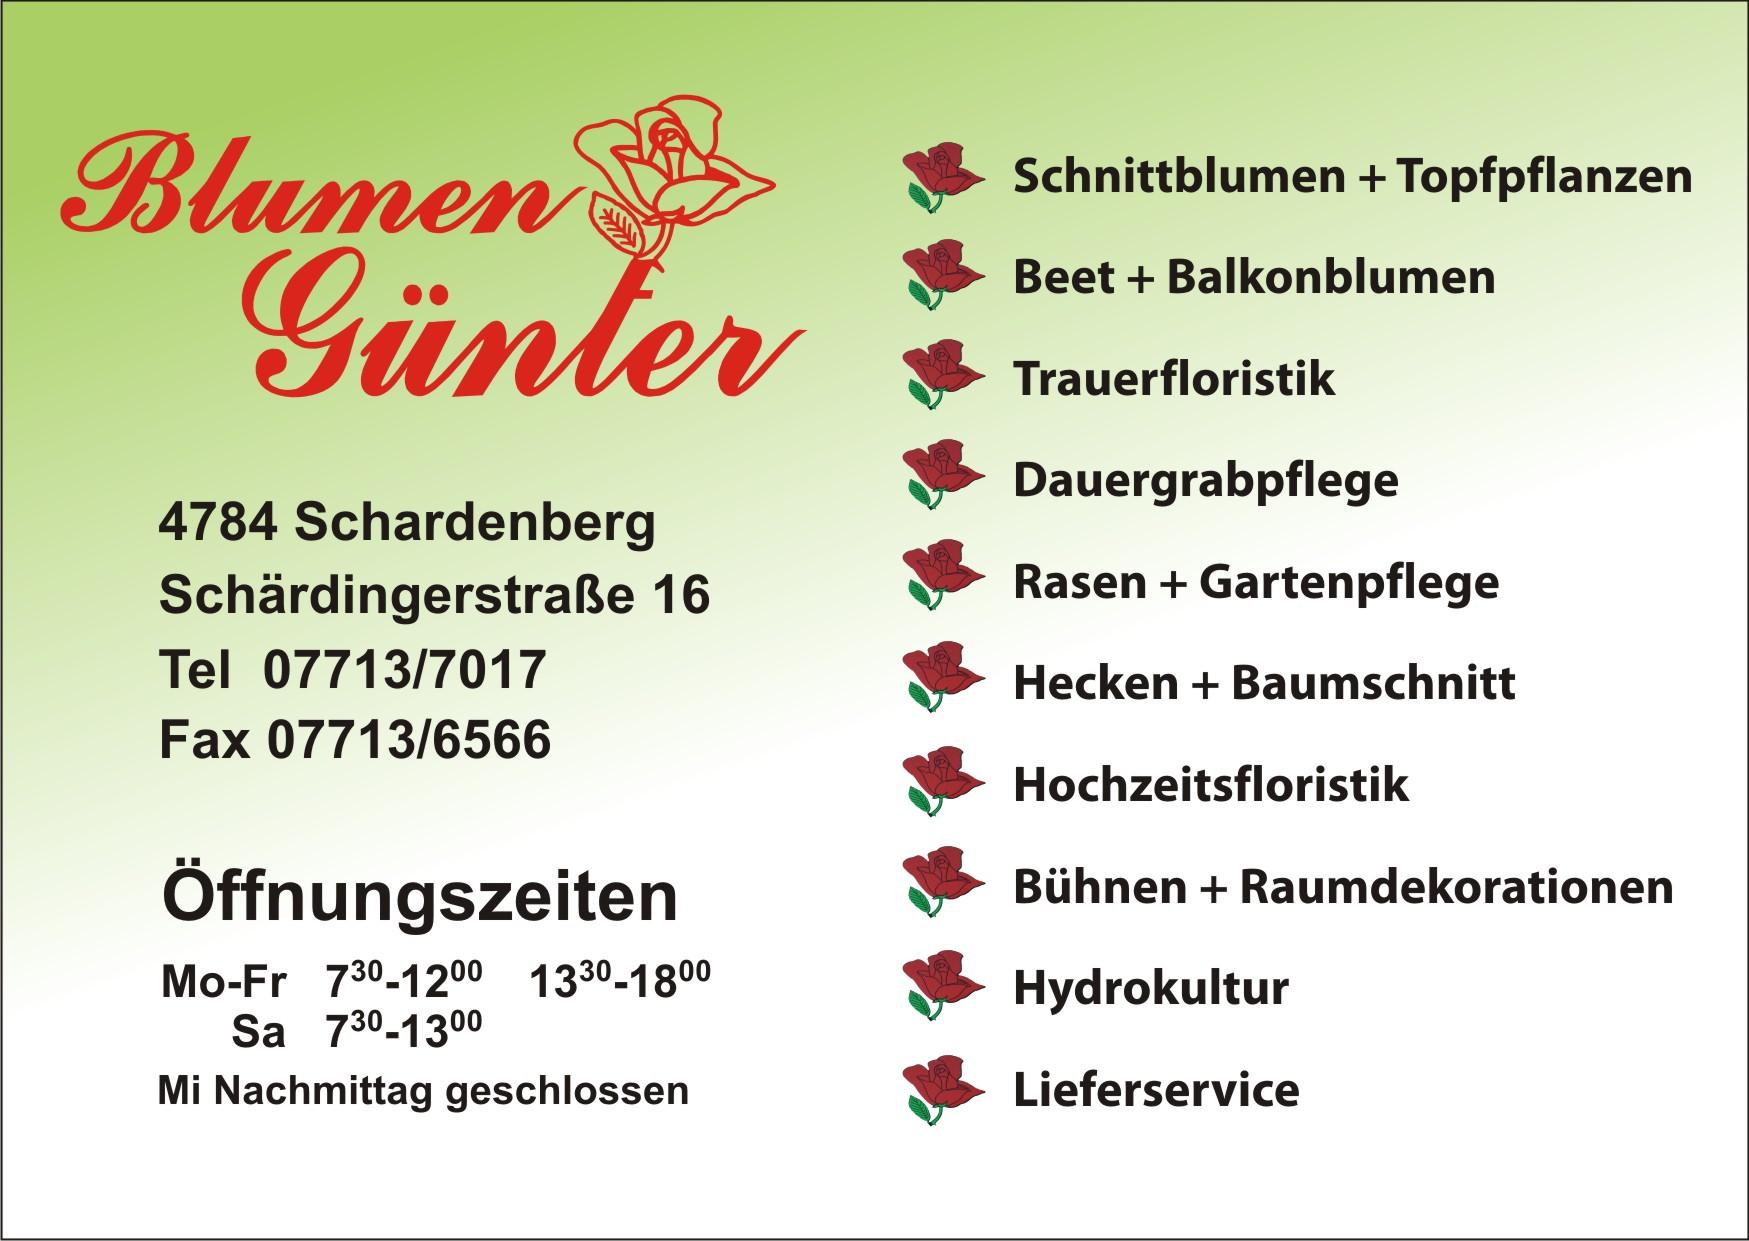 Blumen Günther